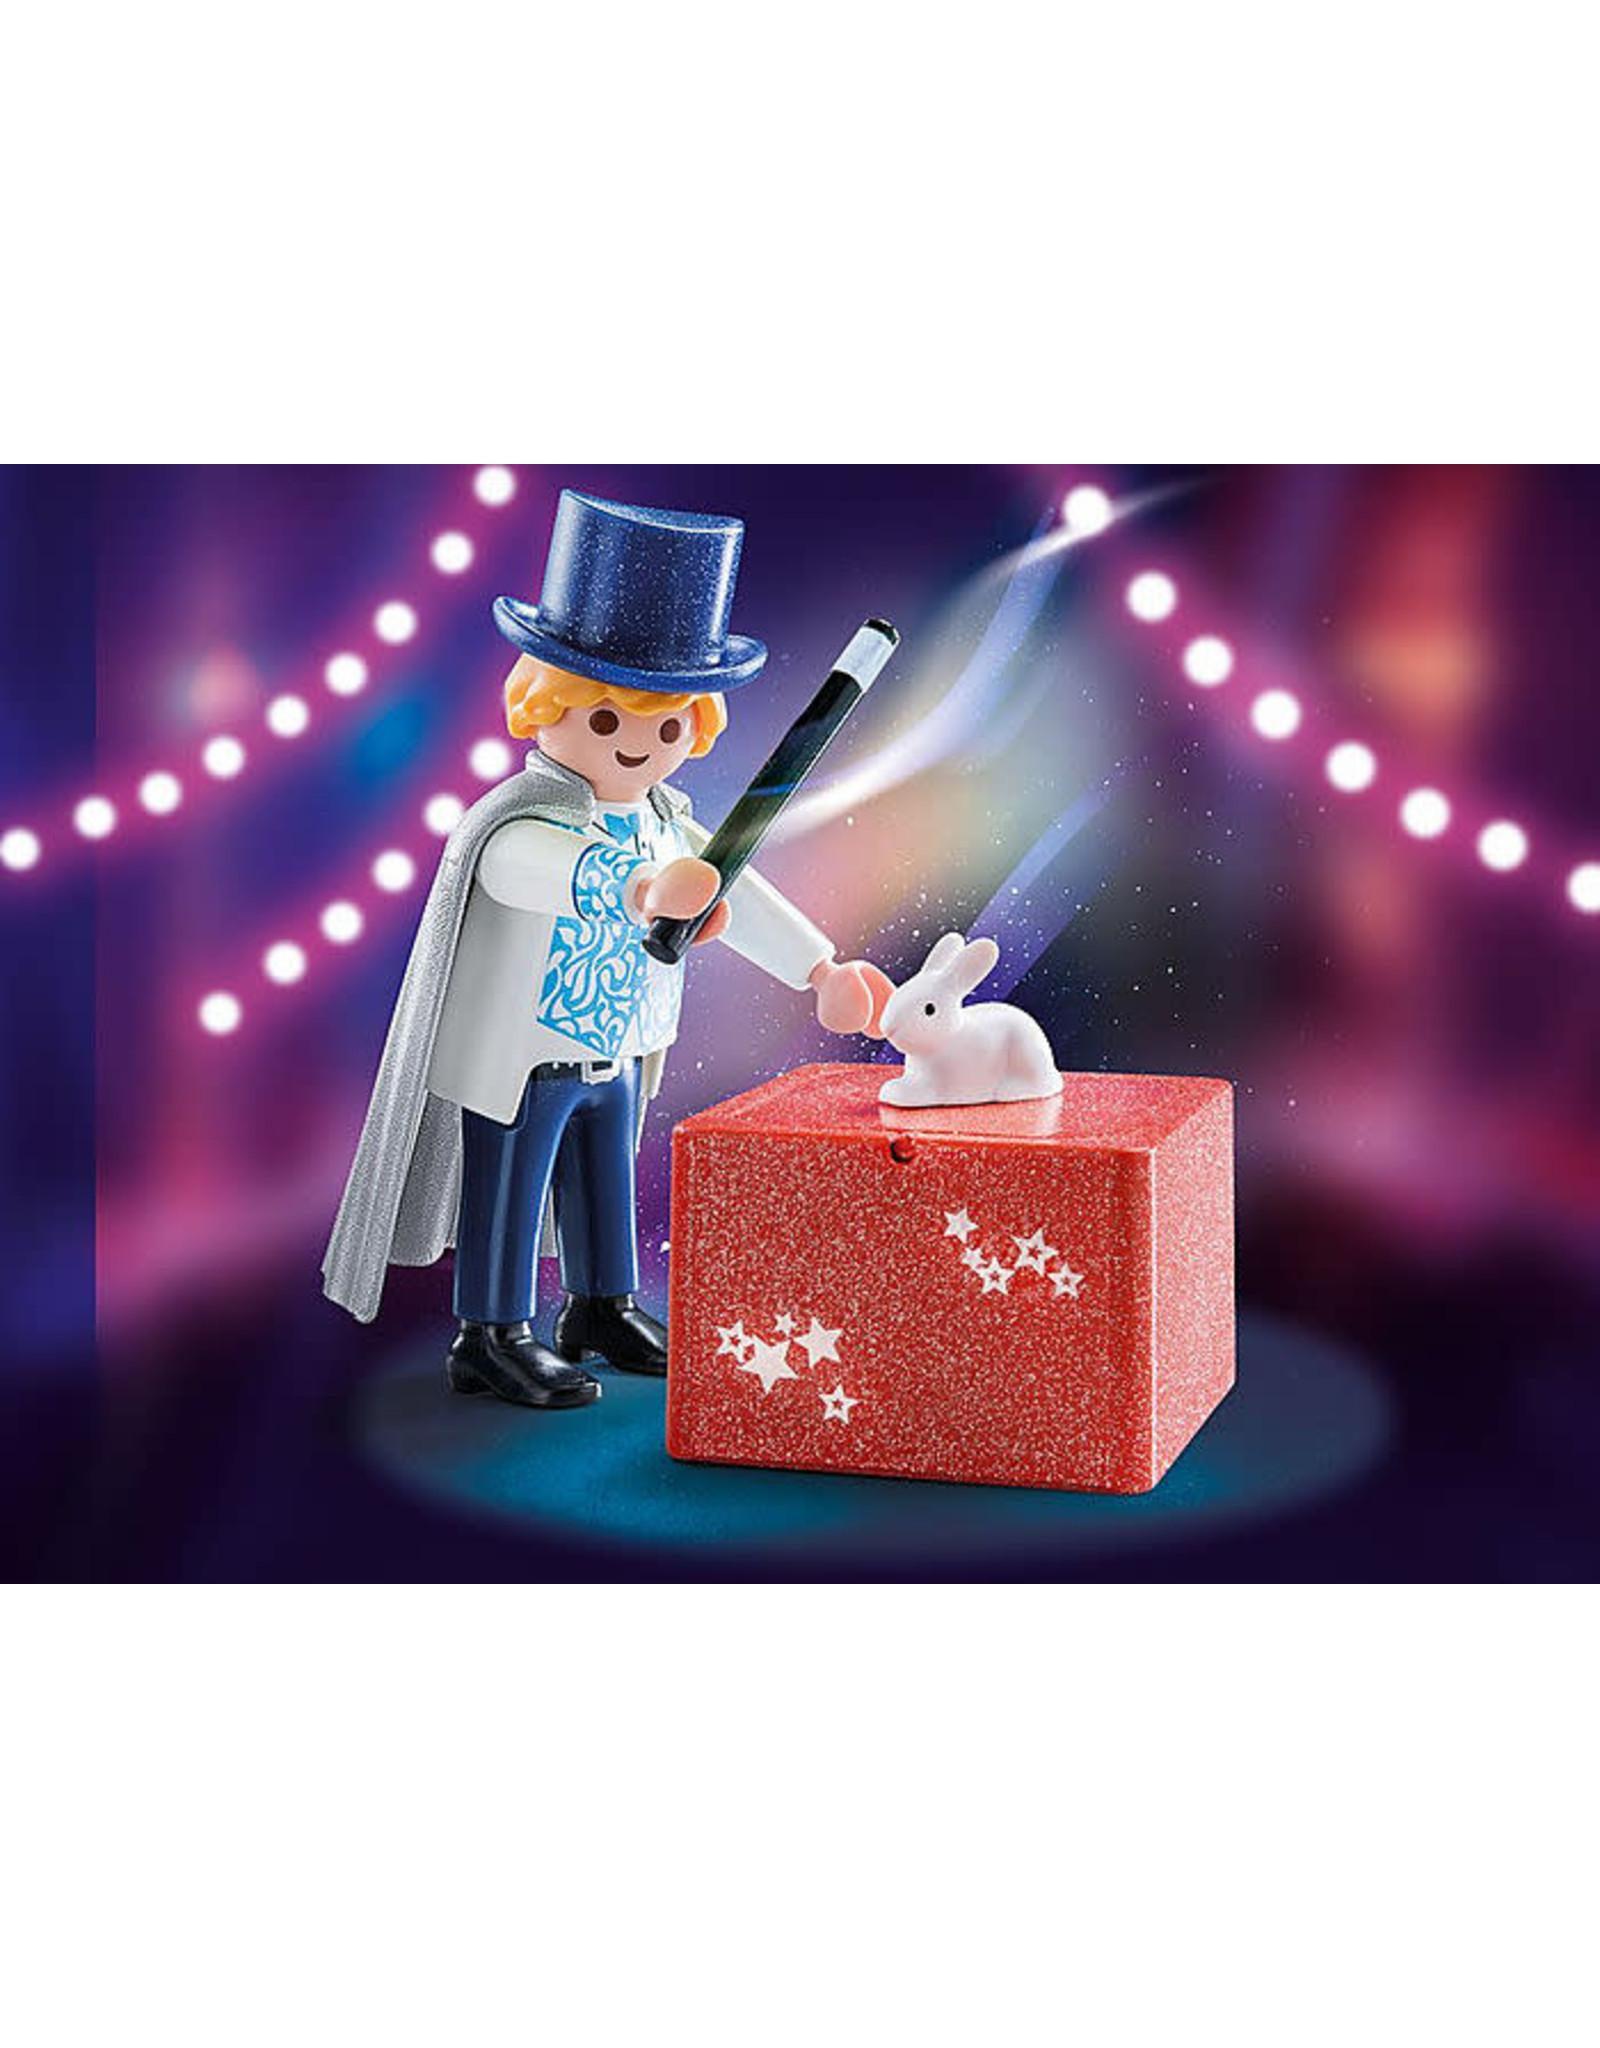 Playmobil Magician